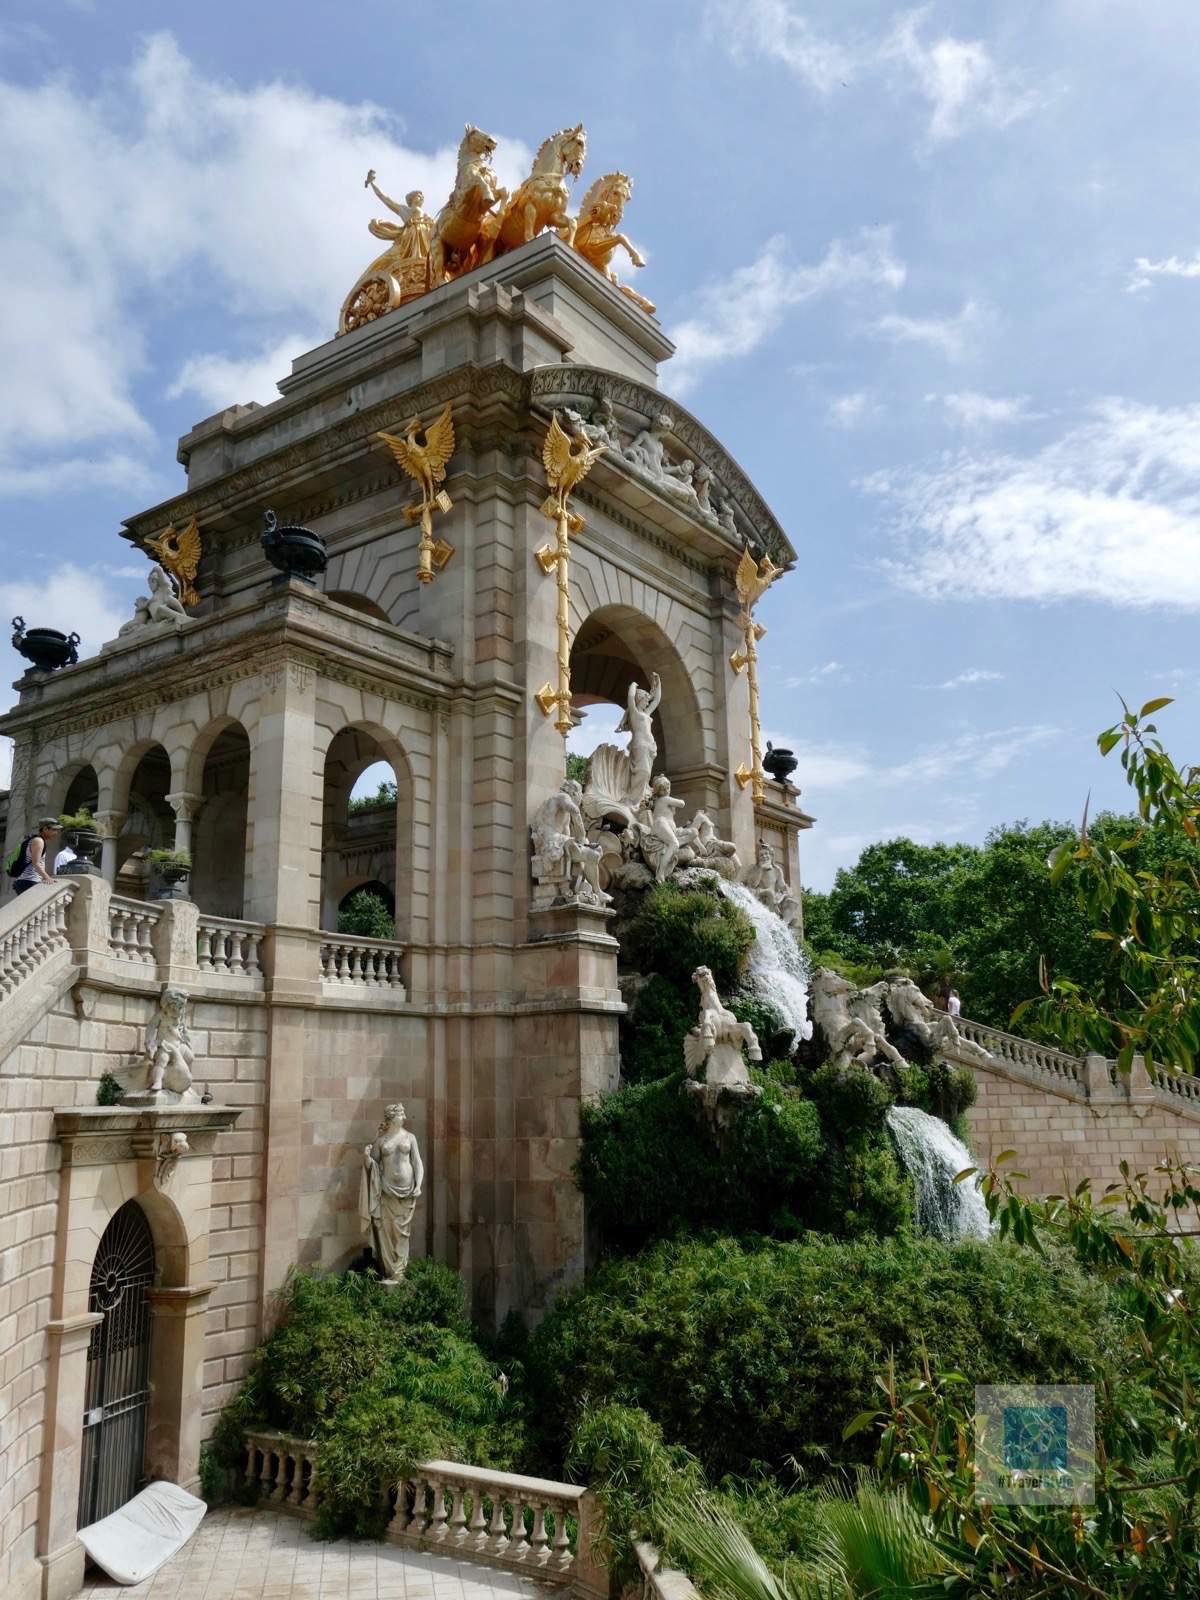 Wasserfontänen im Park Ciutadella